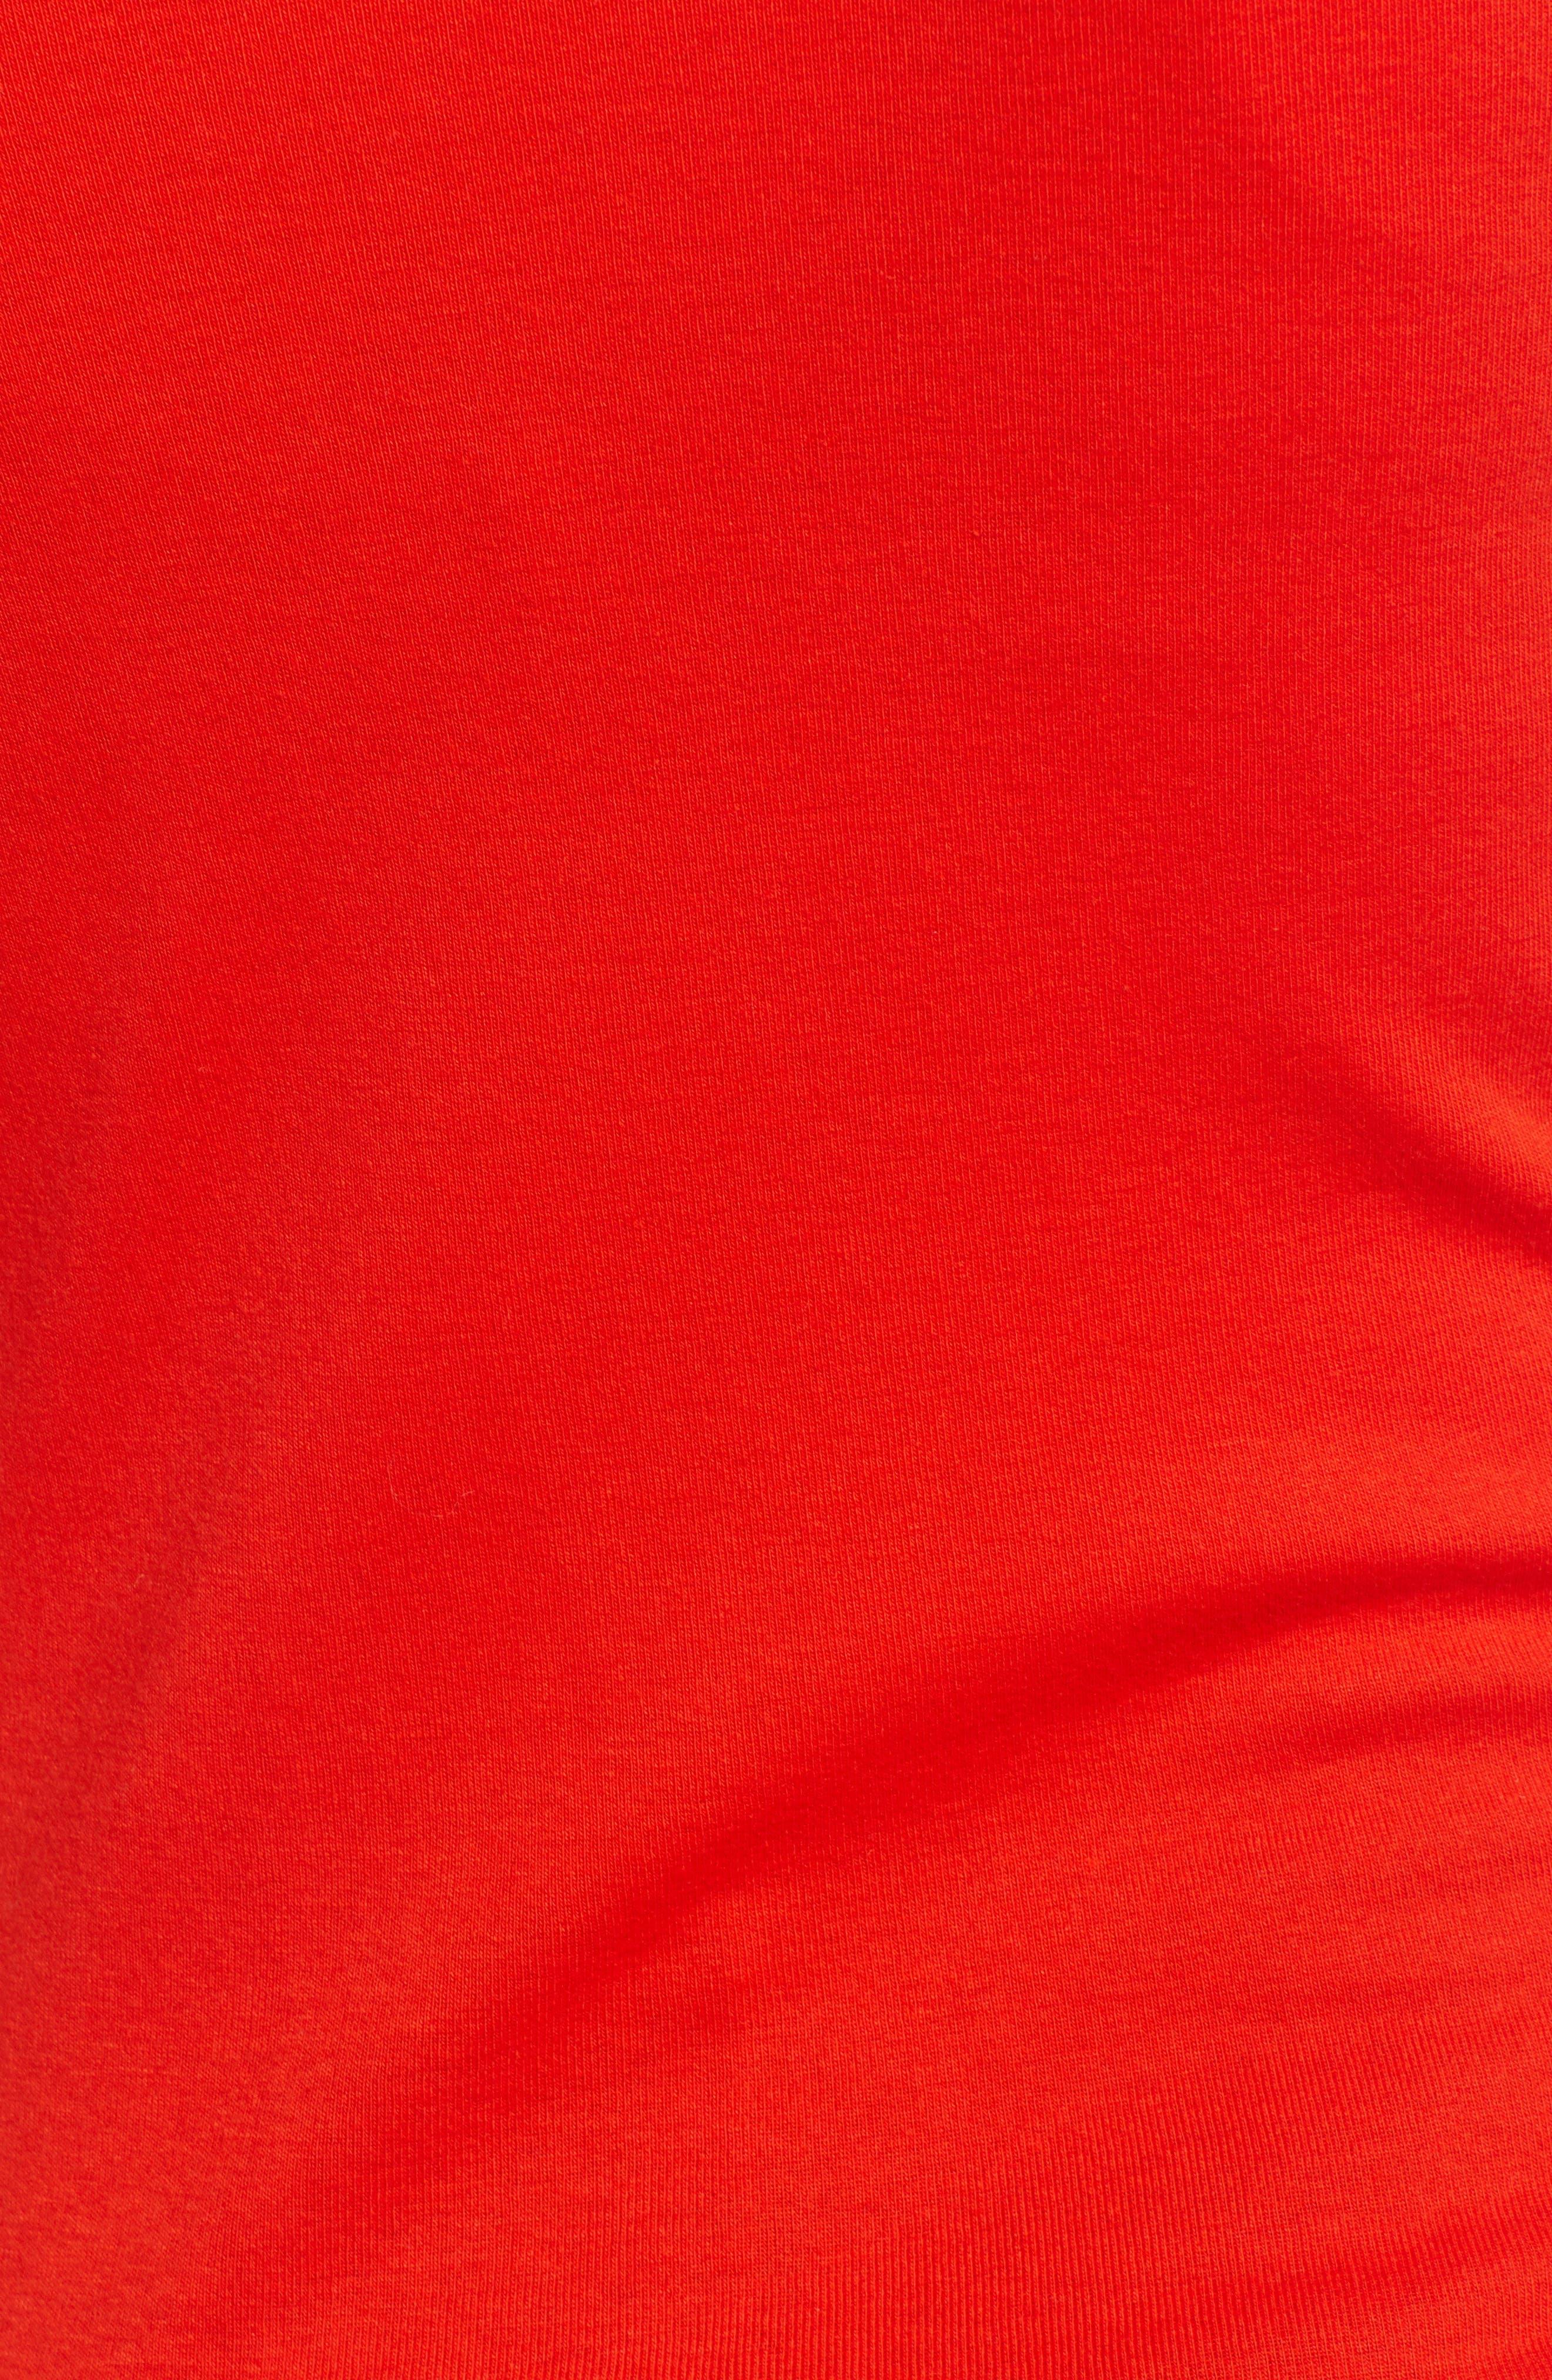 Crewneck Cotton Blend Top,                             Alternate thumbnail 5, color,                             612